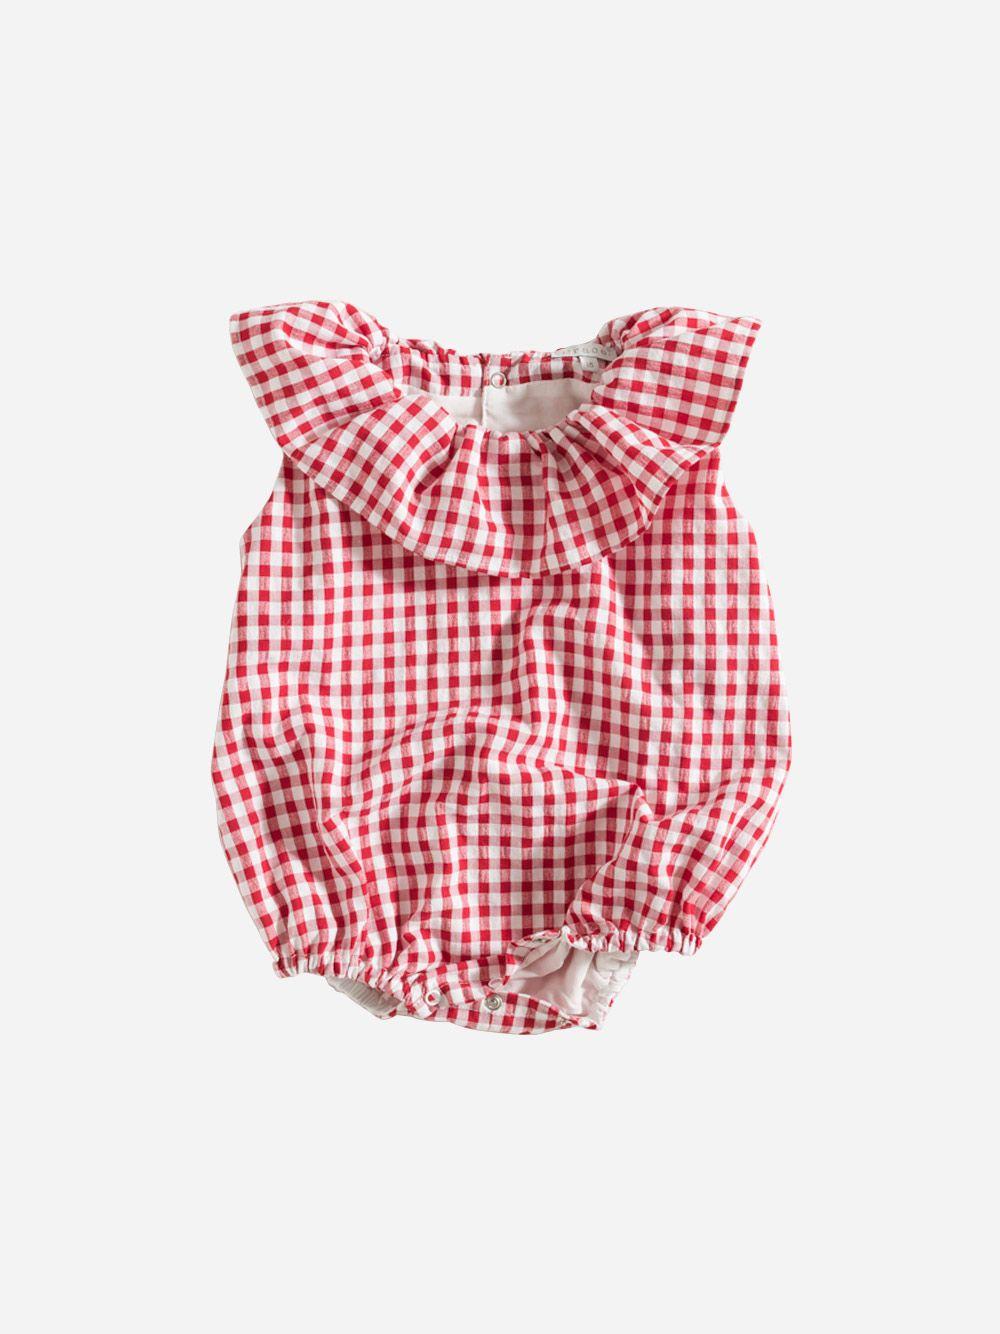 Fofo Quadros Vermelhos | Grace Baby and Child